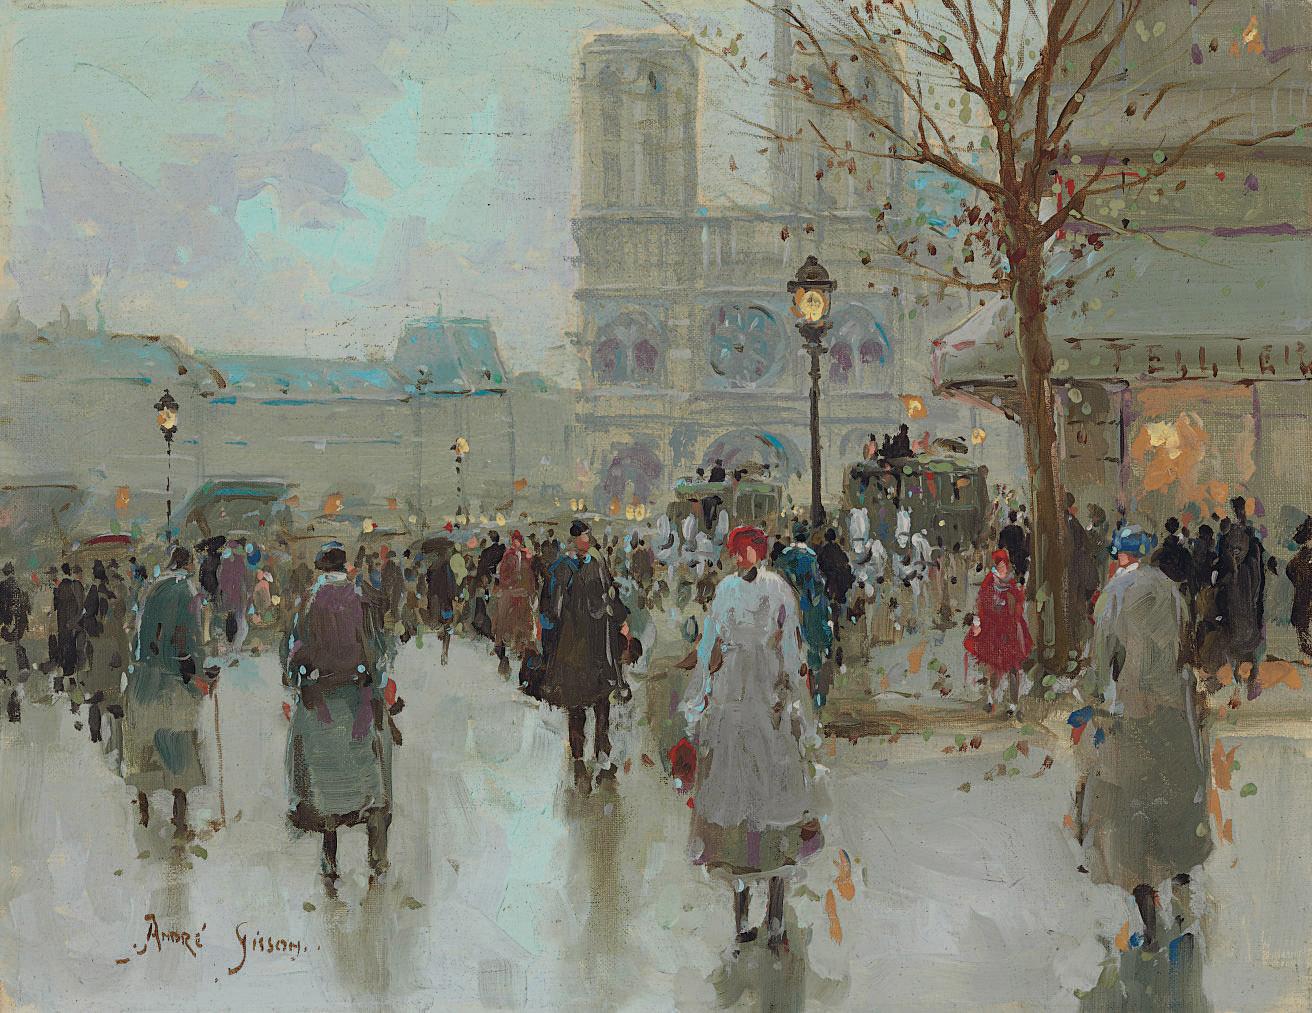 Boulevard près de Notre Dame